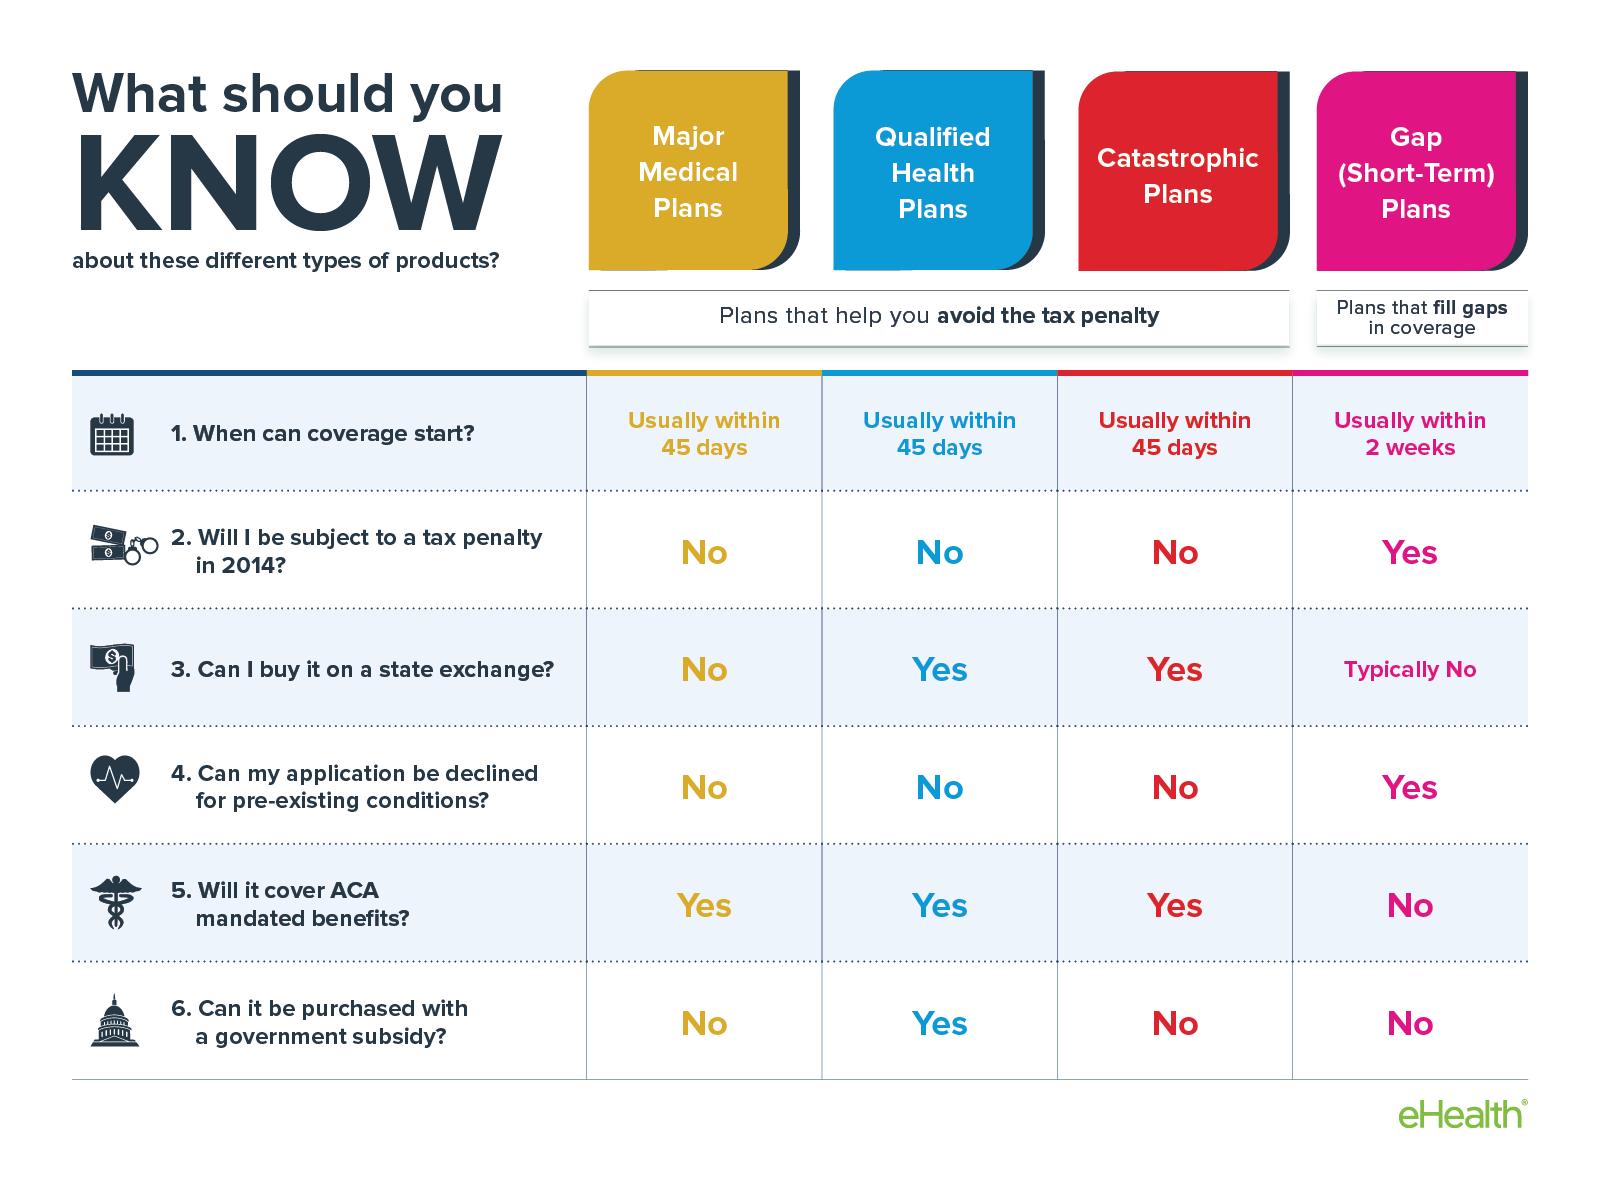 Affordable Care Act FAQ Консультирование, Здоровье, Финансы